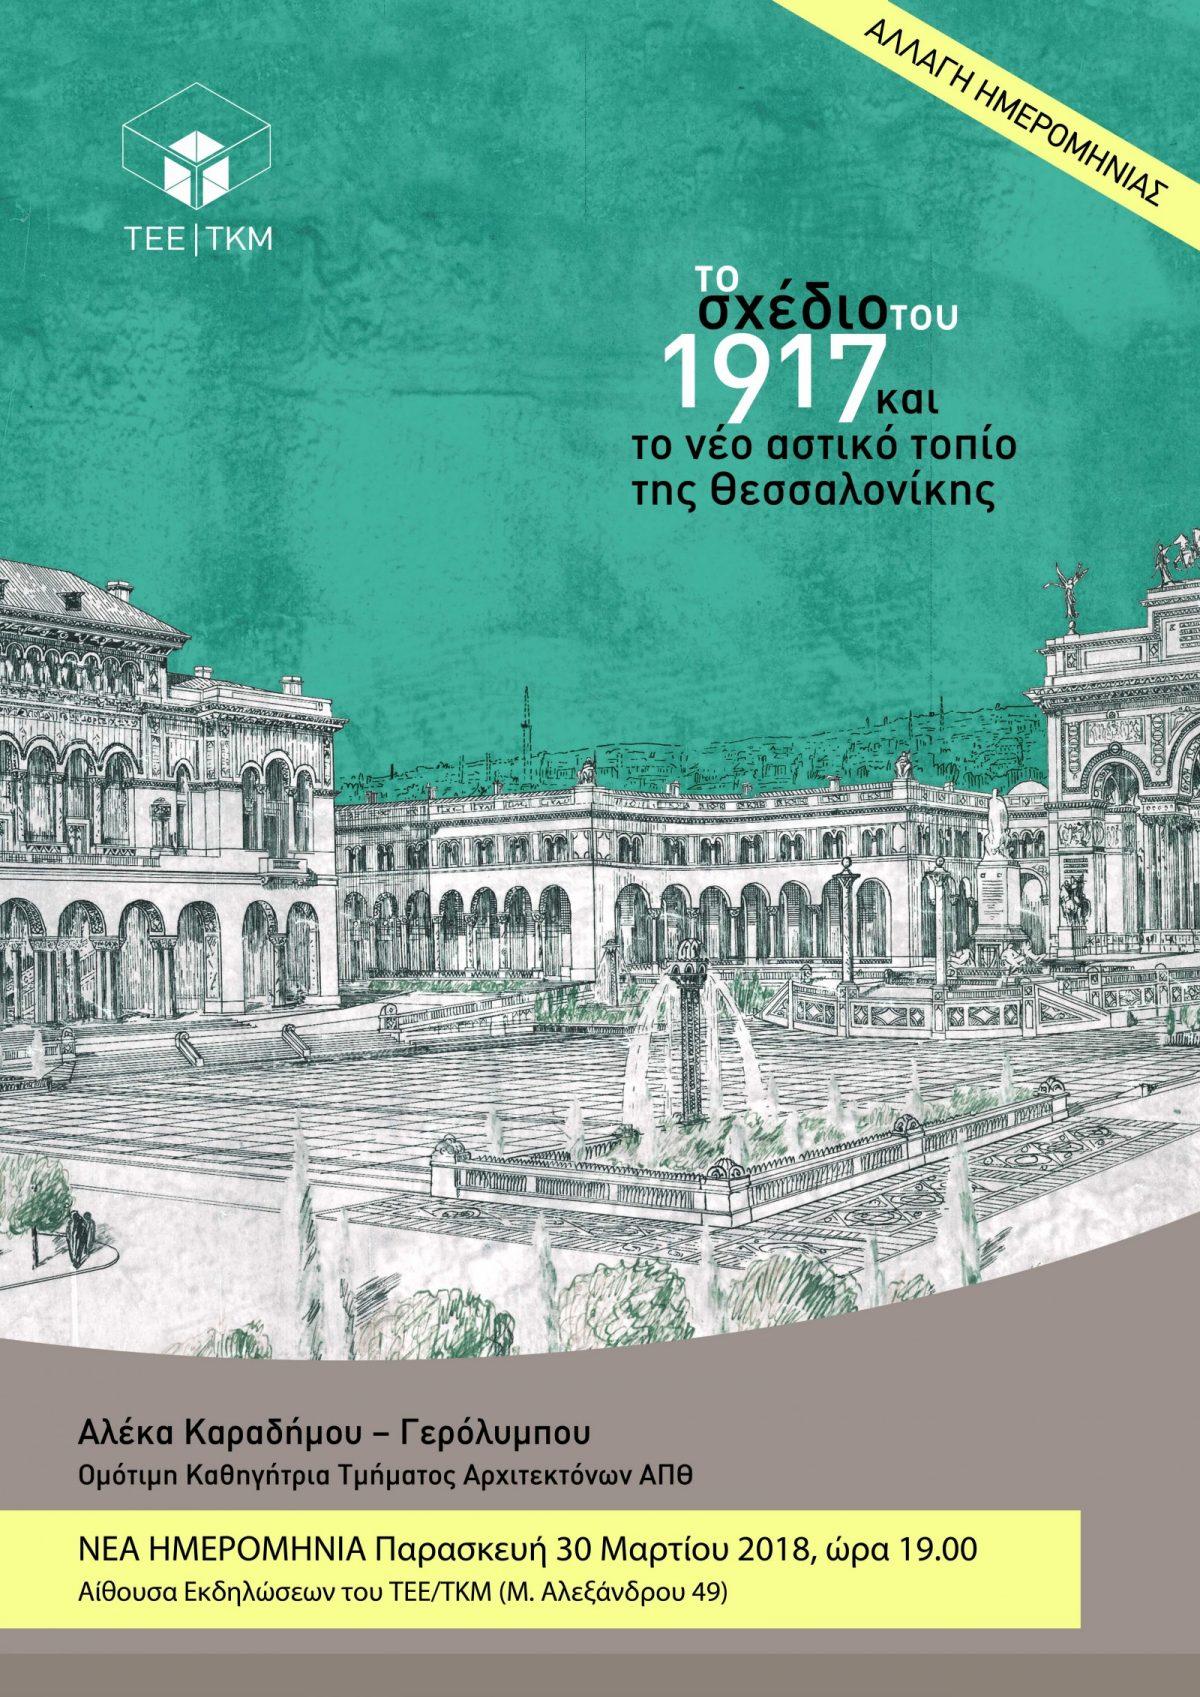 Διάλεξη της Ομότιμης Καθηγήτριας ΑΠΘ Αλέκας Καραδήμου – Γερόλυμπου στην Εκδήλωση του ΤΕΕ/ΤΚΜ με θέμα: «Το σχέδιο του 1917 και το νέο αστικό τοπίο της Θεσσαλονίκης»